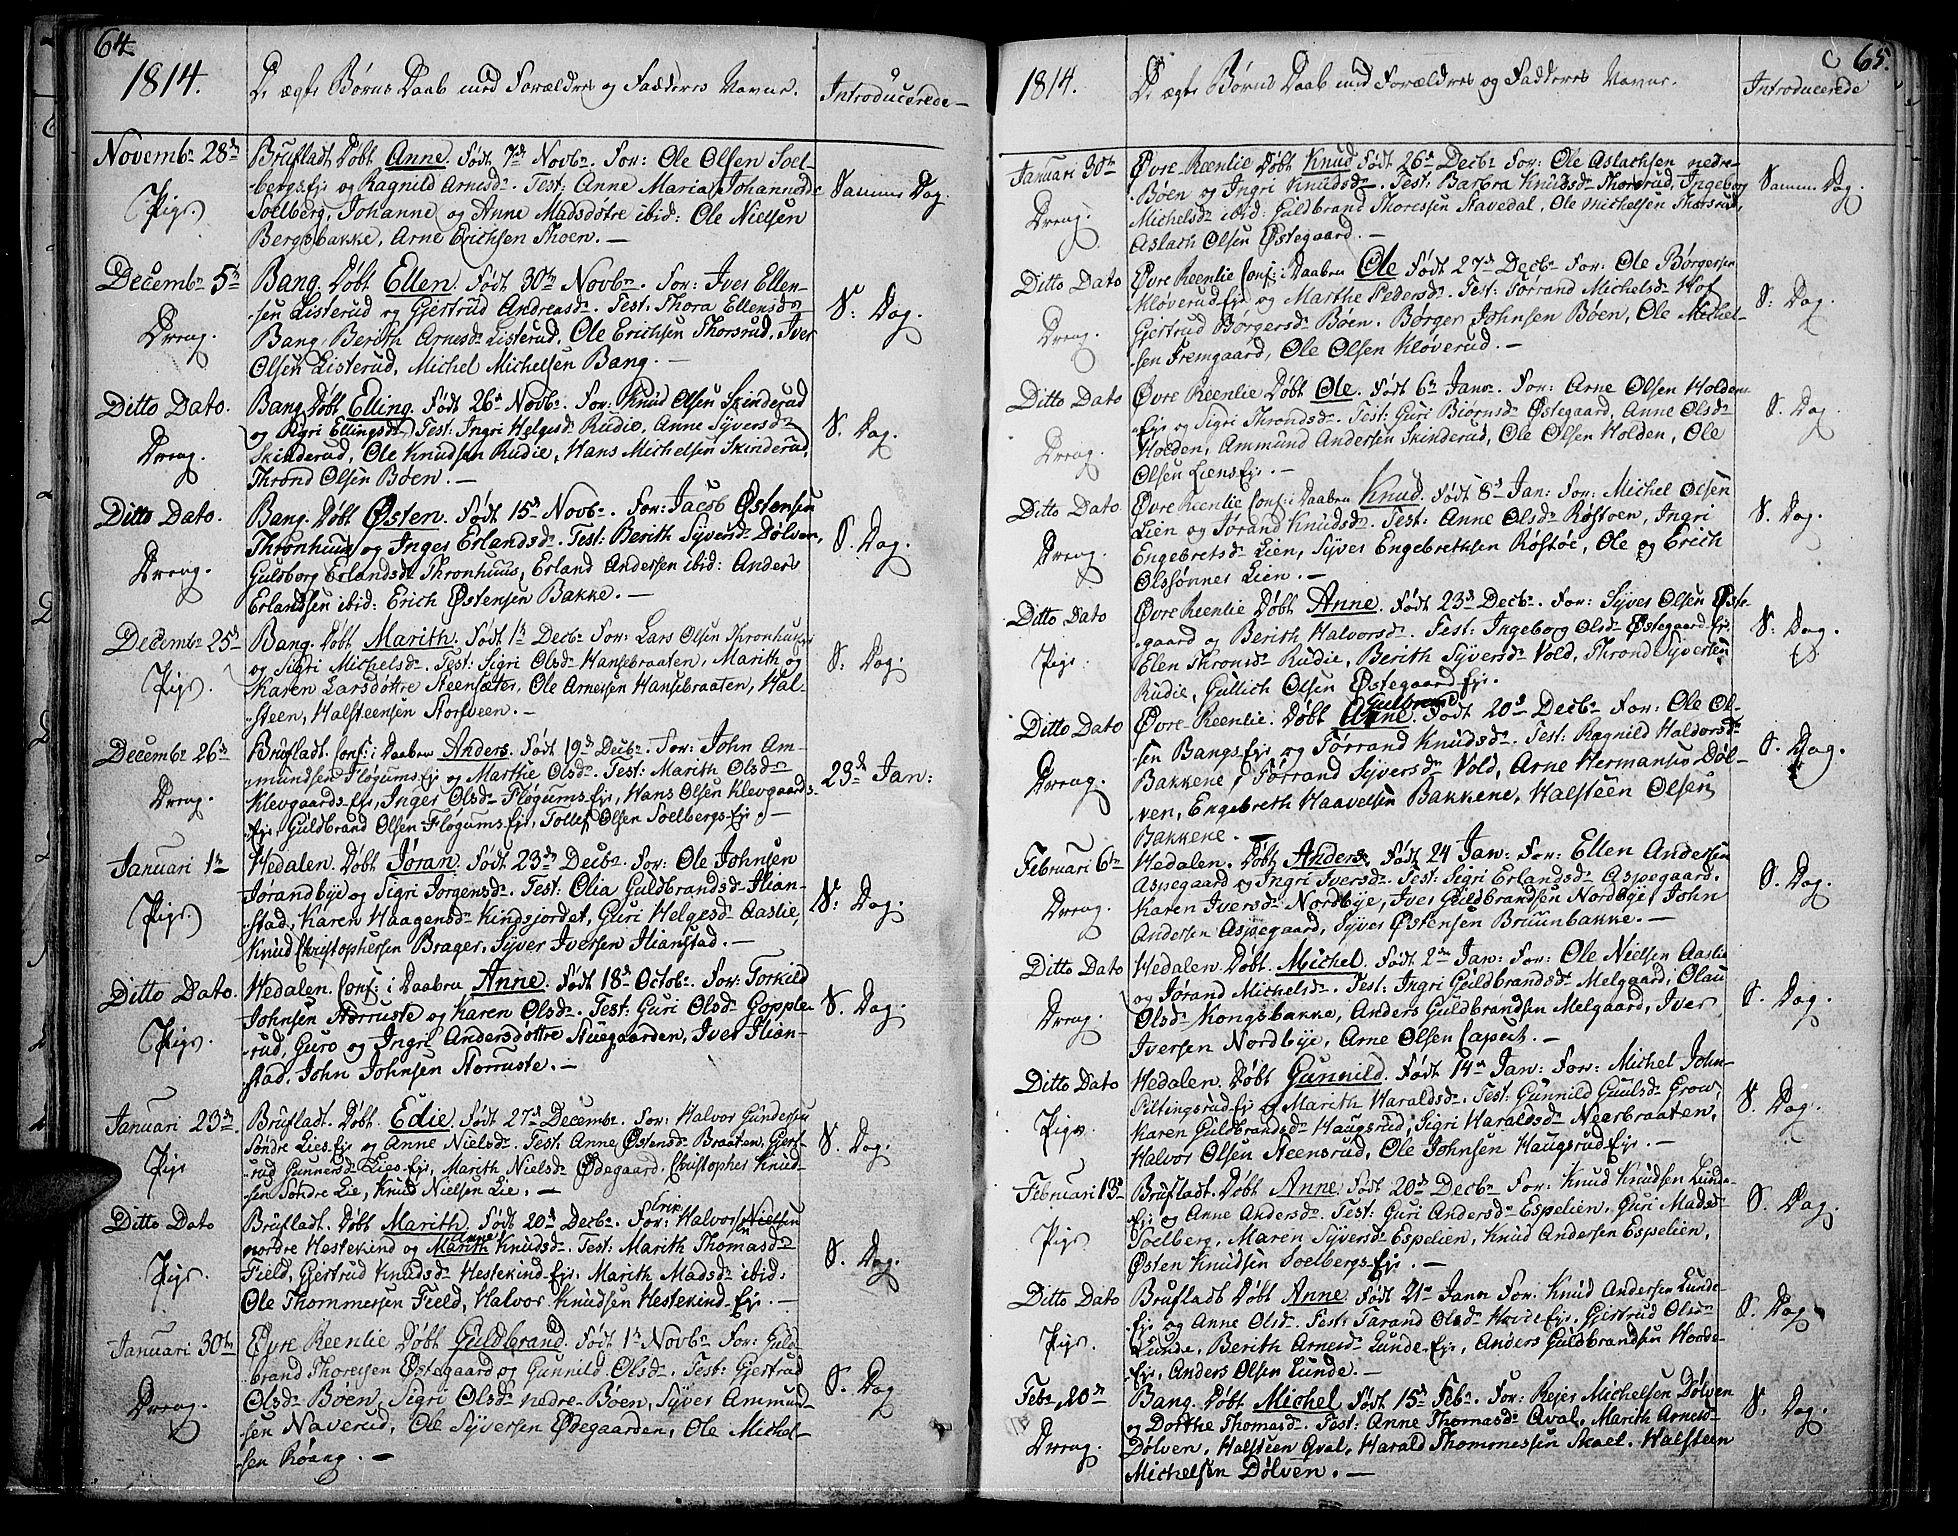 SAH, Sør-Aurdal prestekontor, Ministerialbok nr. 1, 1807-1815, s. 64-65